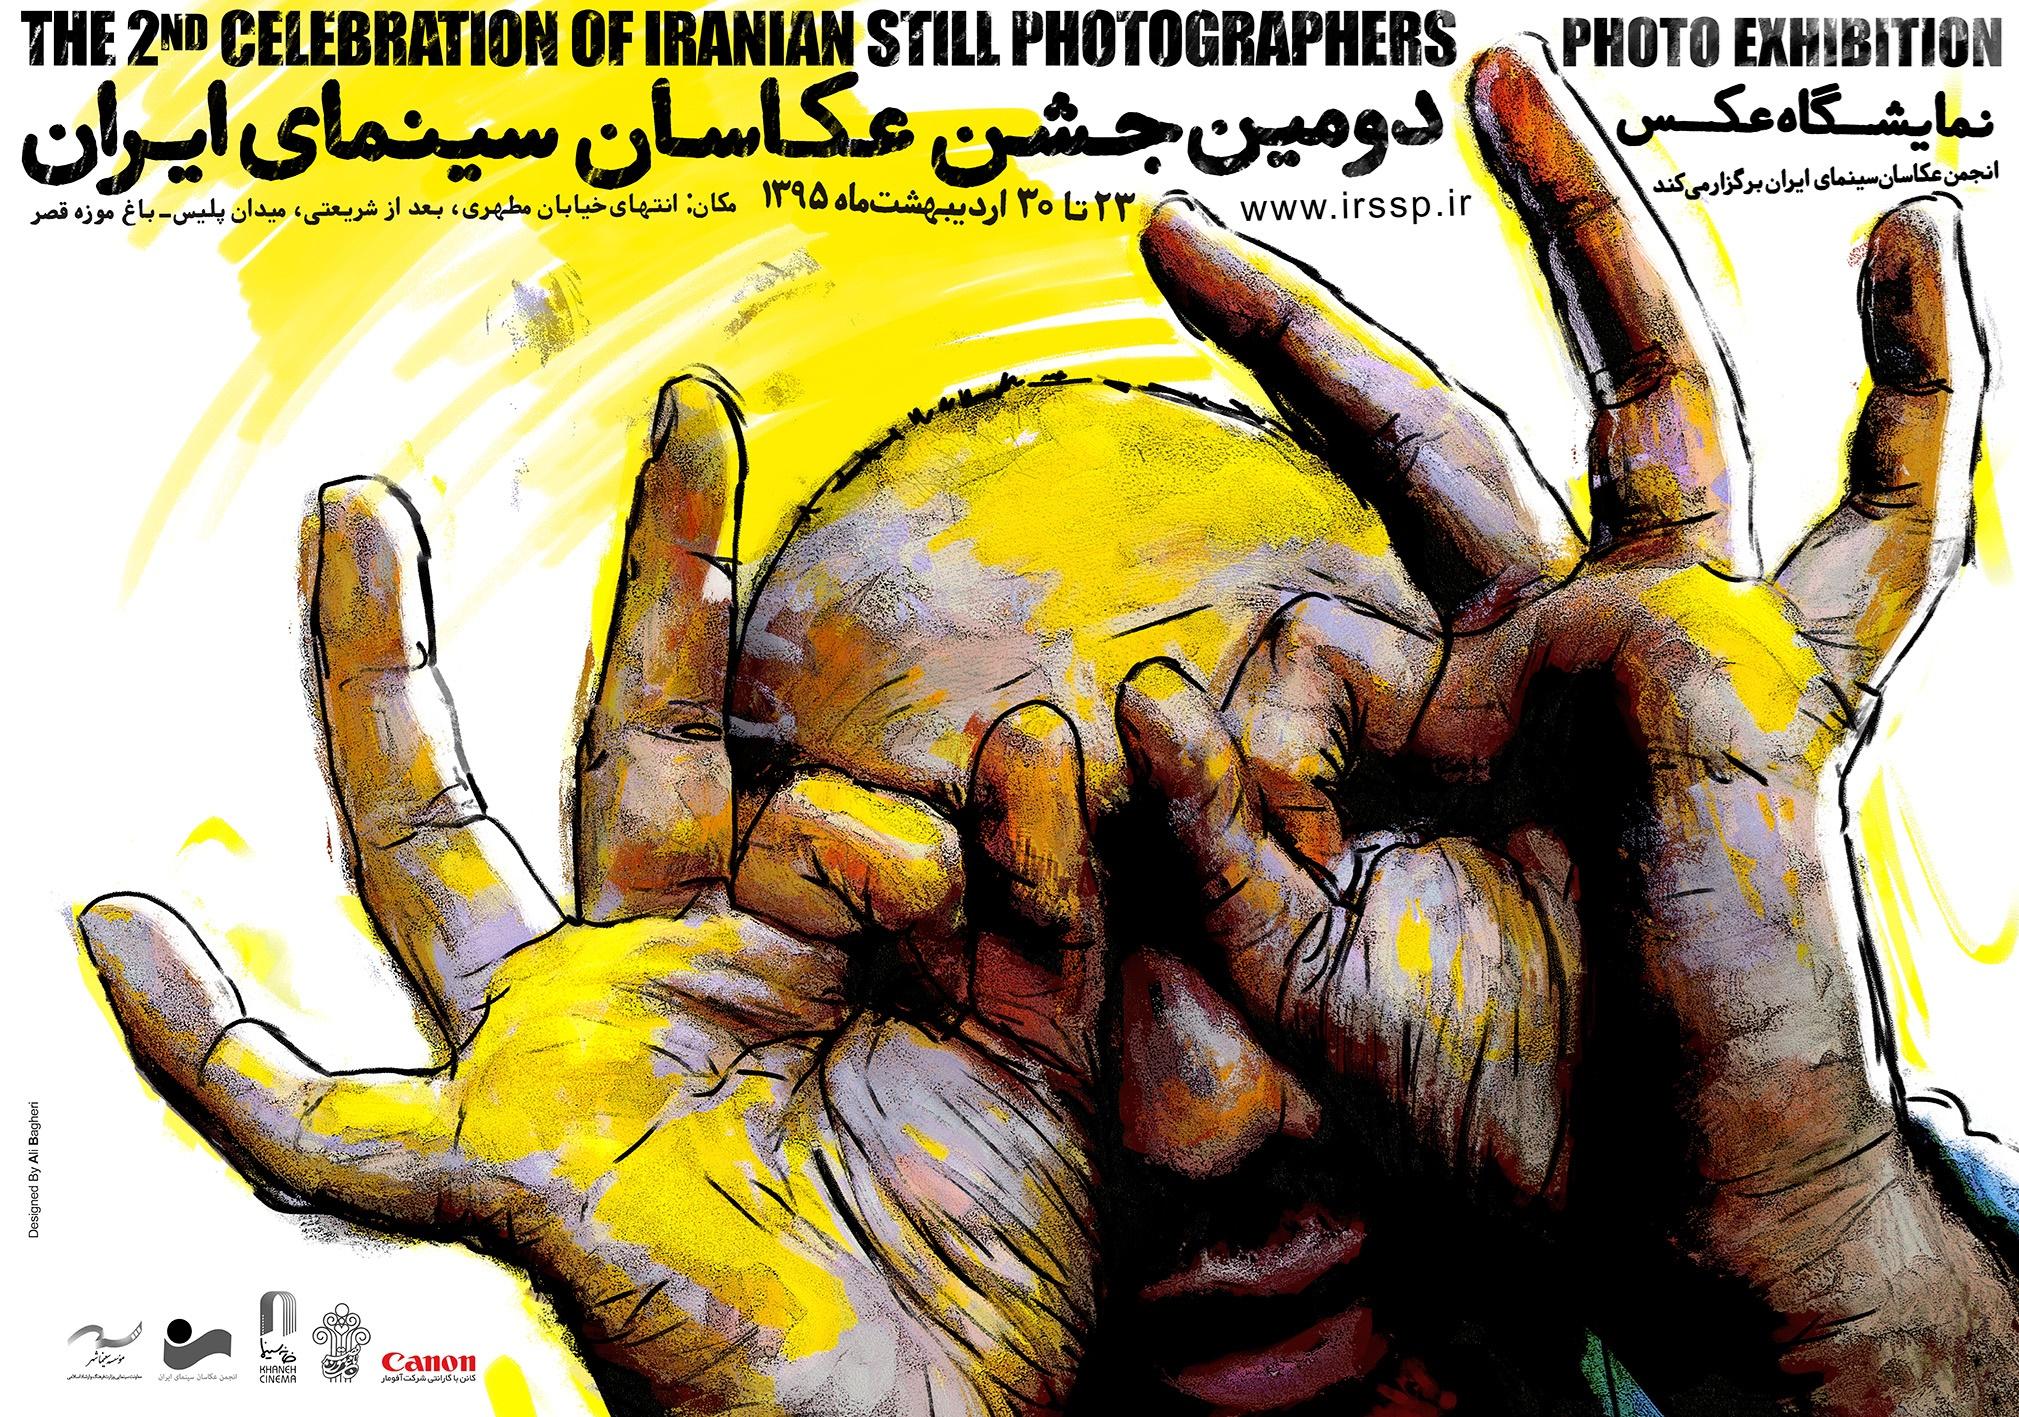 پوستر دومین جشن عکاسان سینمای ایران رونمایی شد